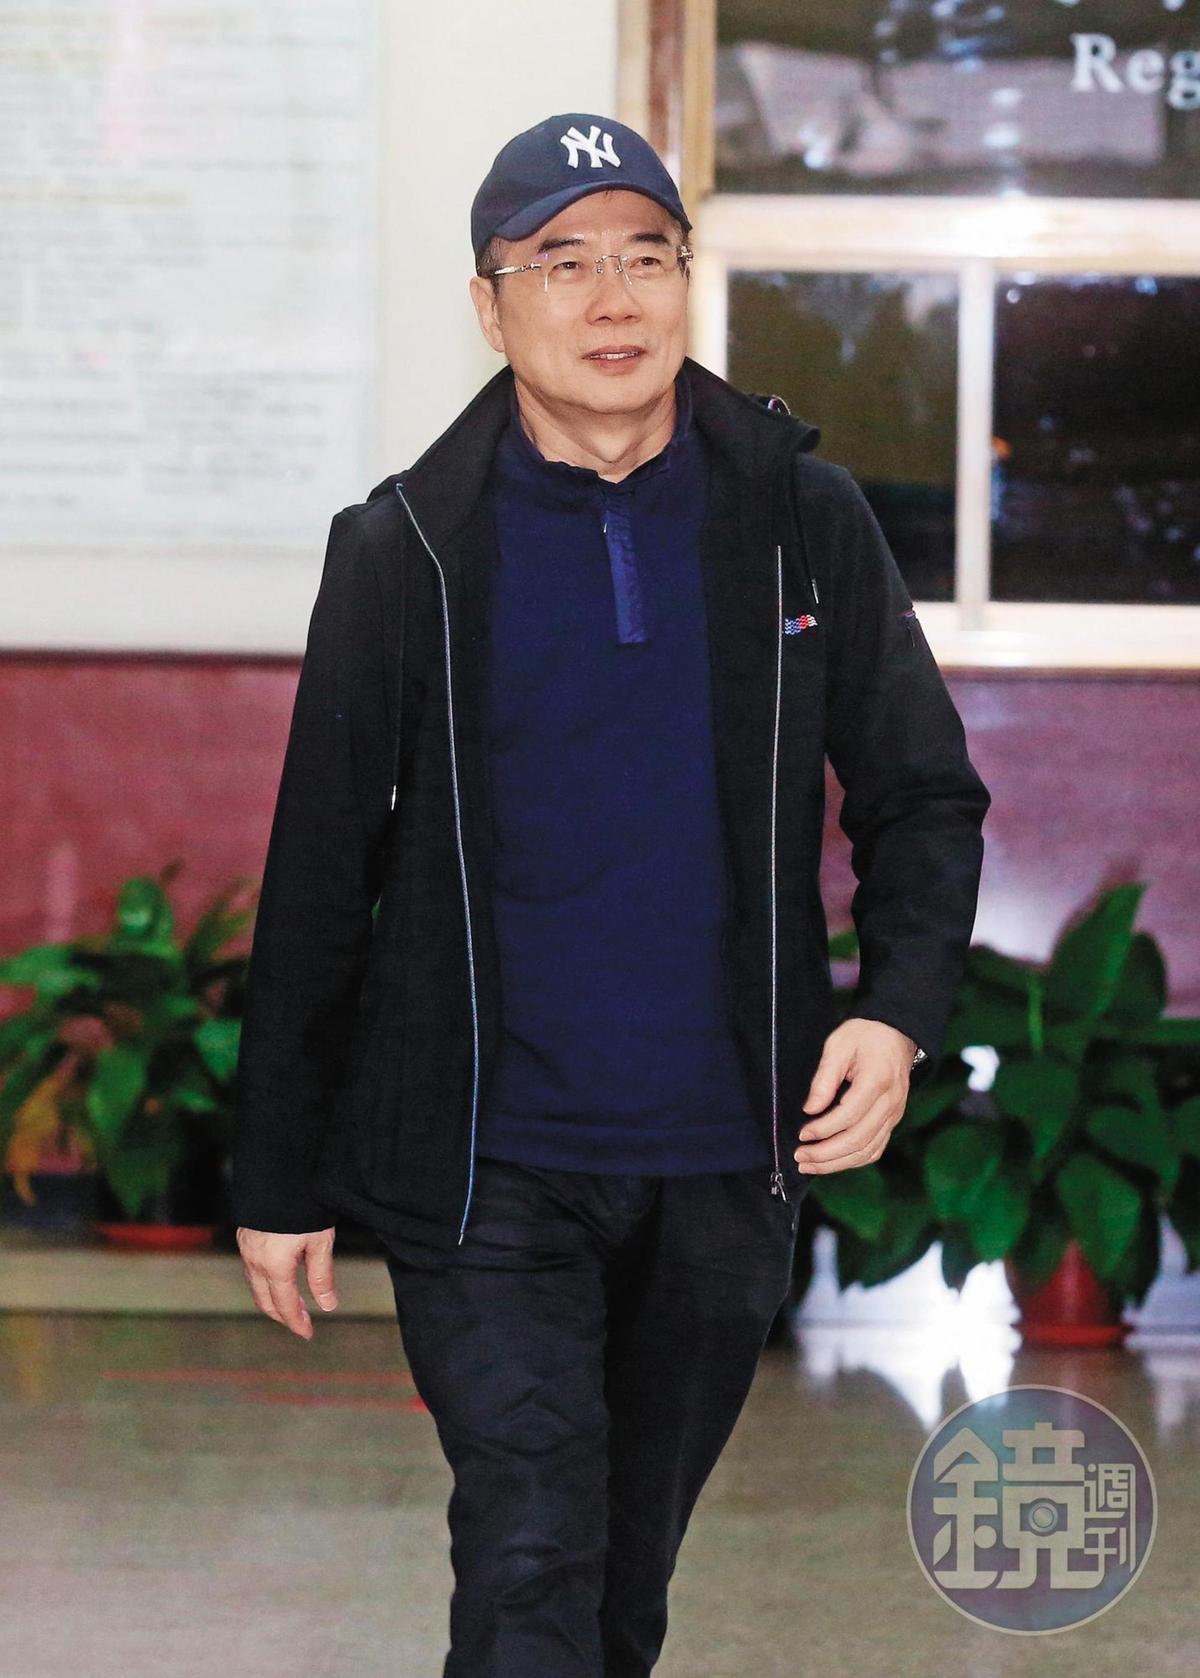 前立委蔡正元(圖)在中影爆發經營權之爭時,公開點名是受馬英九所託處理黨產,如今馬英九果真因背信罪遭訴。